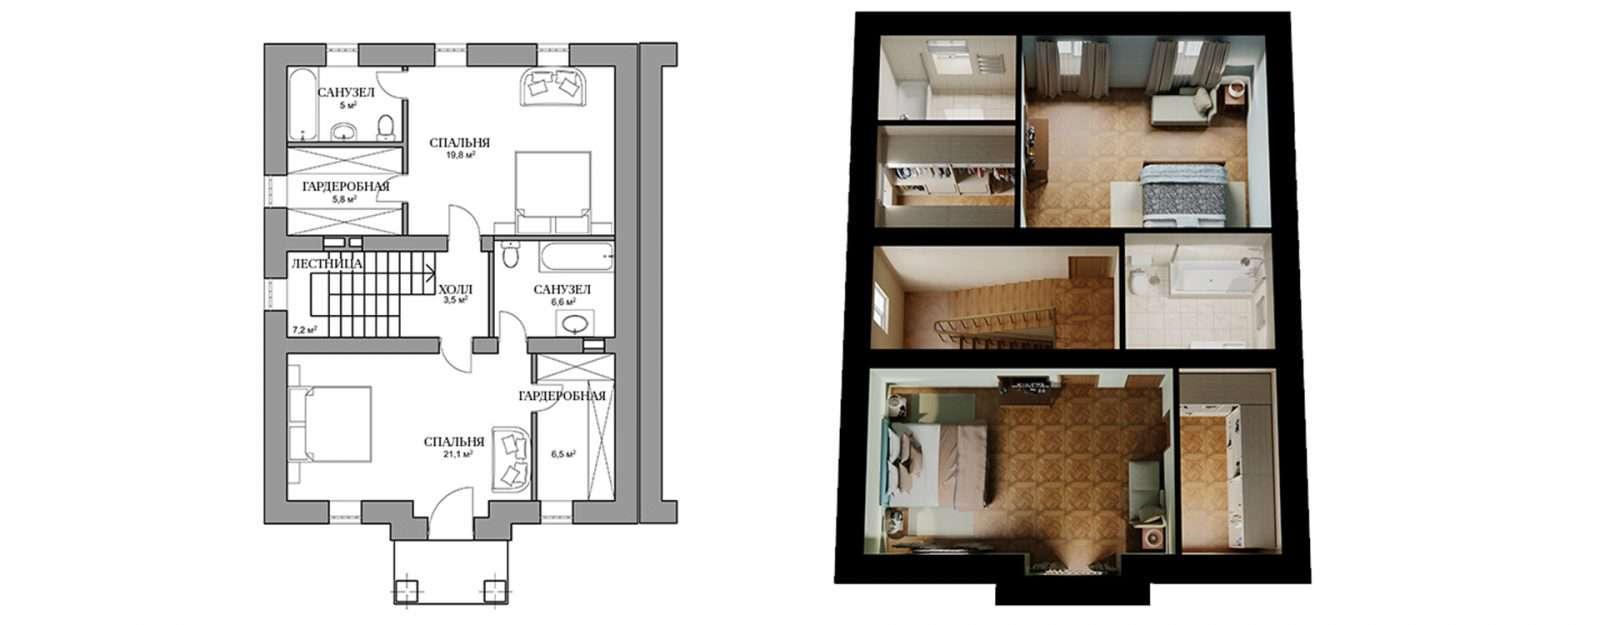 Дуплекс «Полли» - план второго этажа